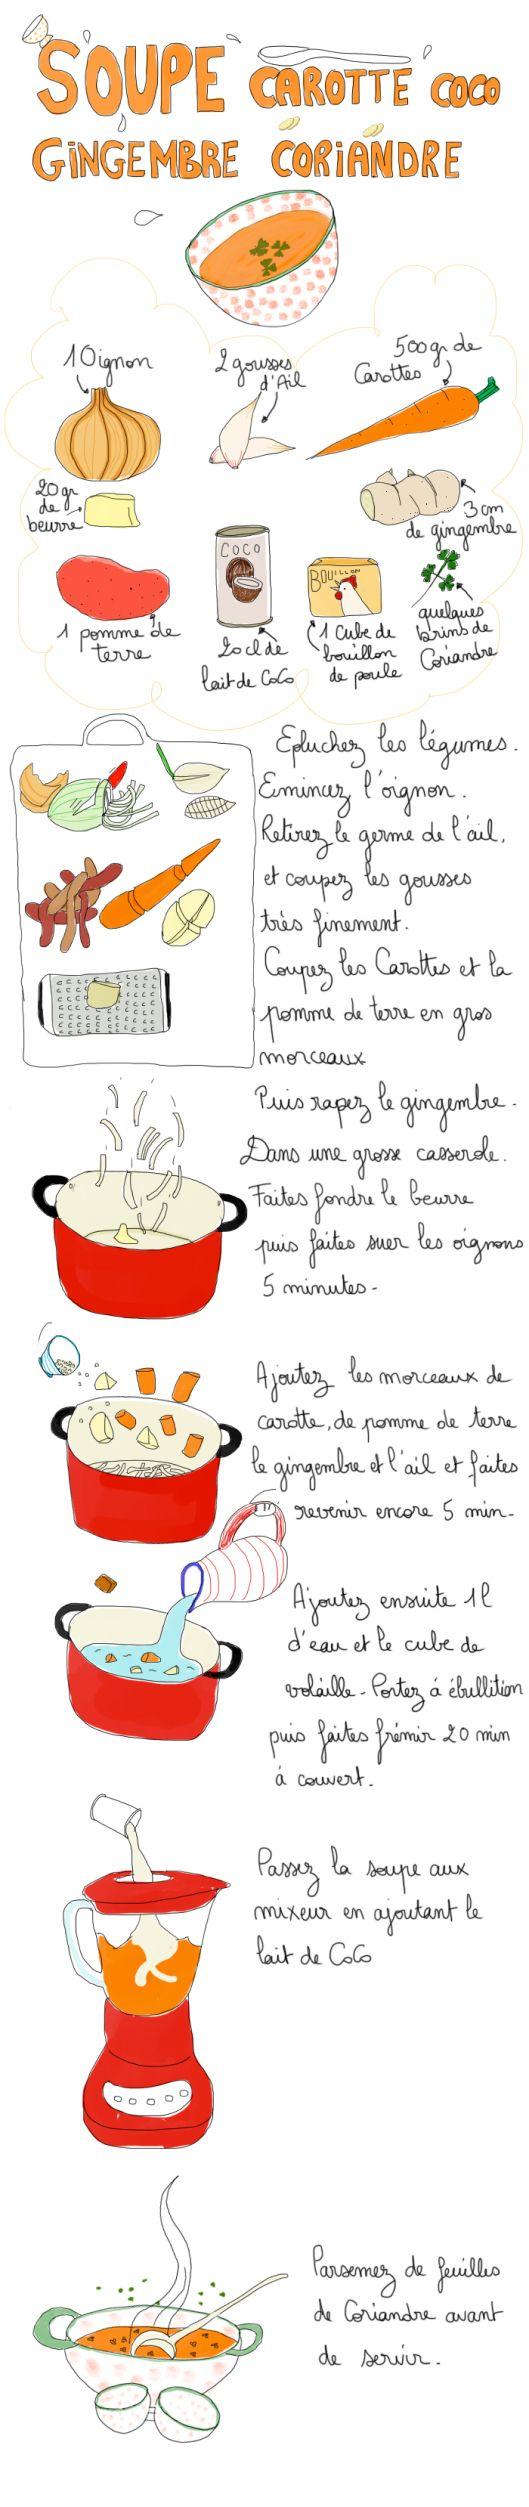 Soupe carottes, coco, gingembre et coriandre